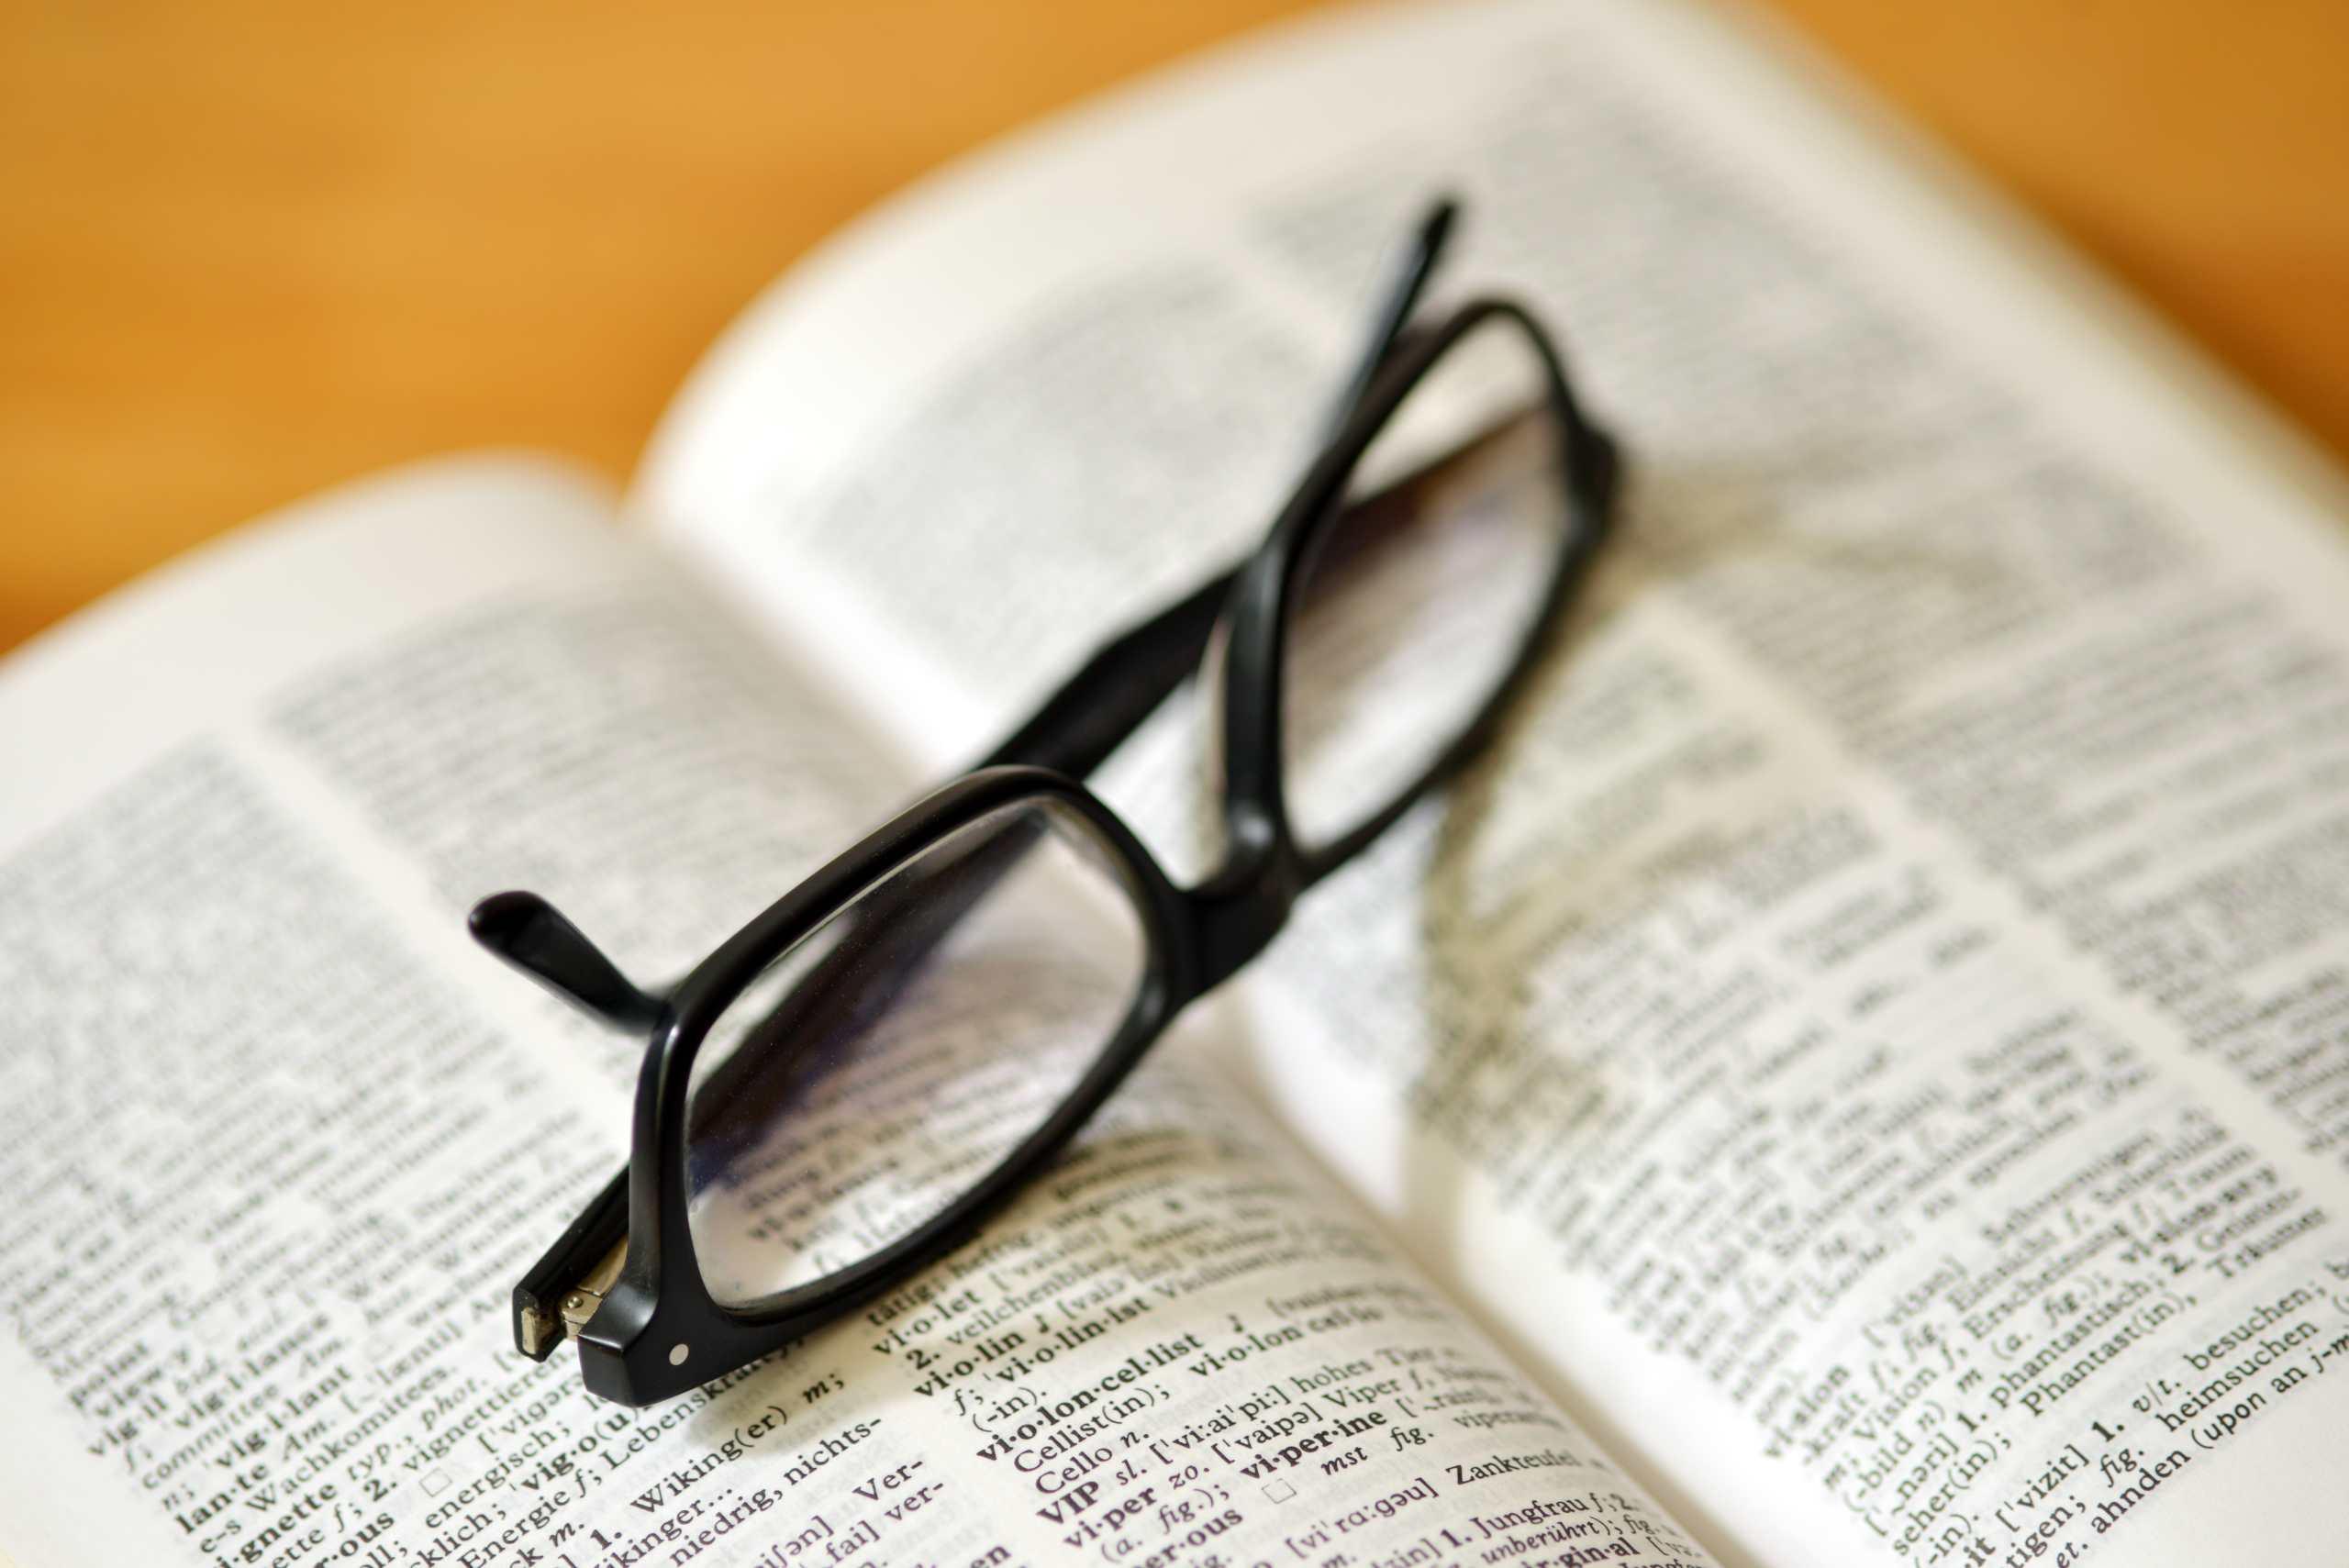 Lesebrille, zusammengeklappt abgelegt auf einem aufgeschlagenen Wörterbuch